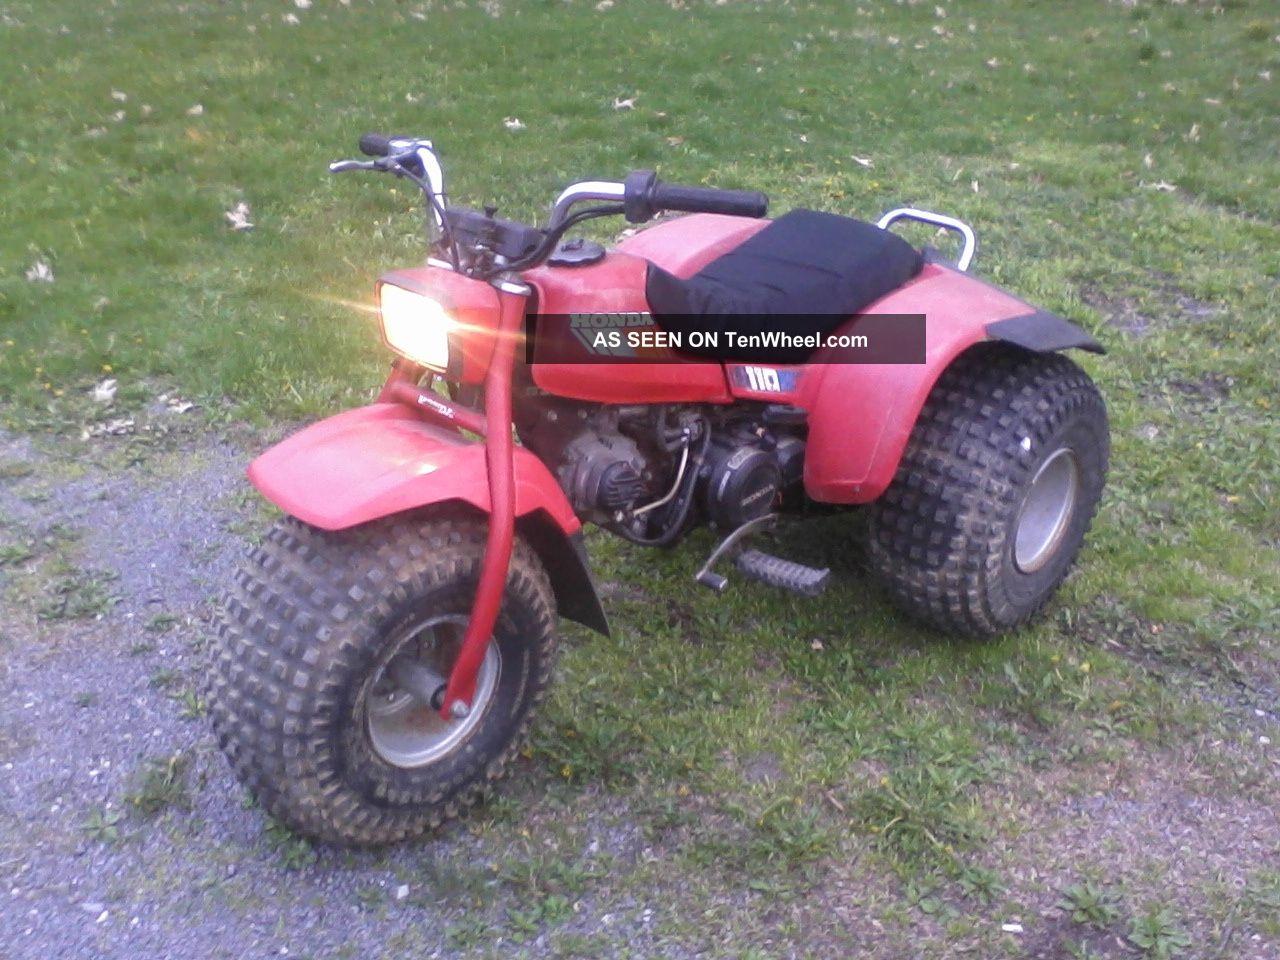 1985 Honda Atc 125m Honda photo